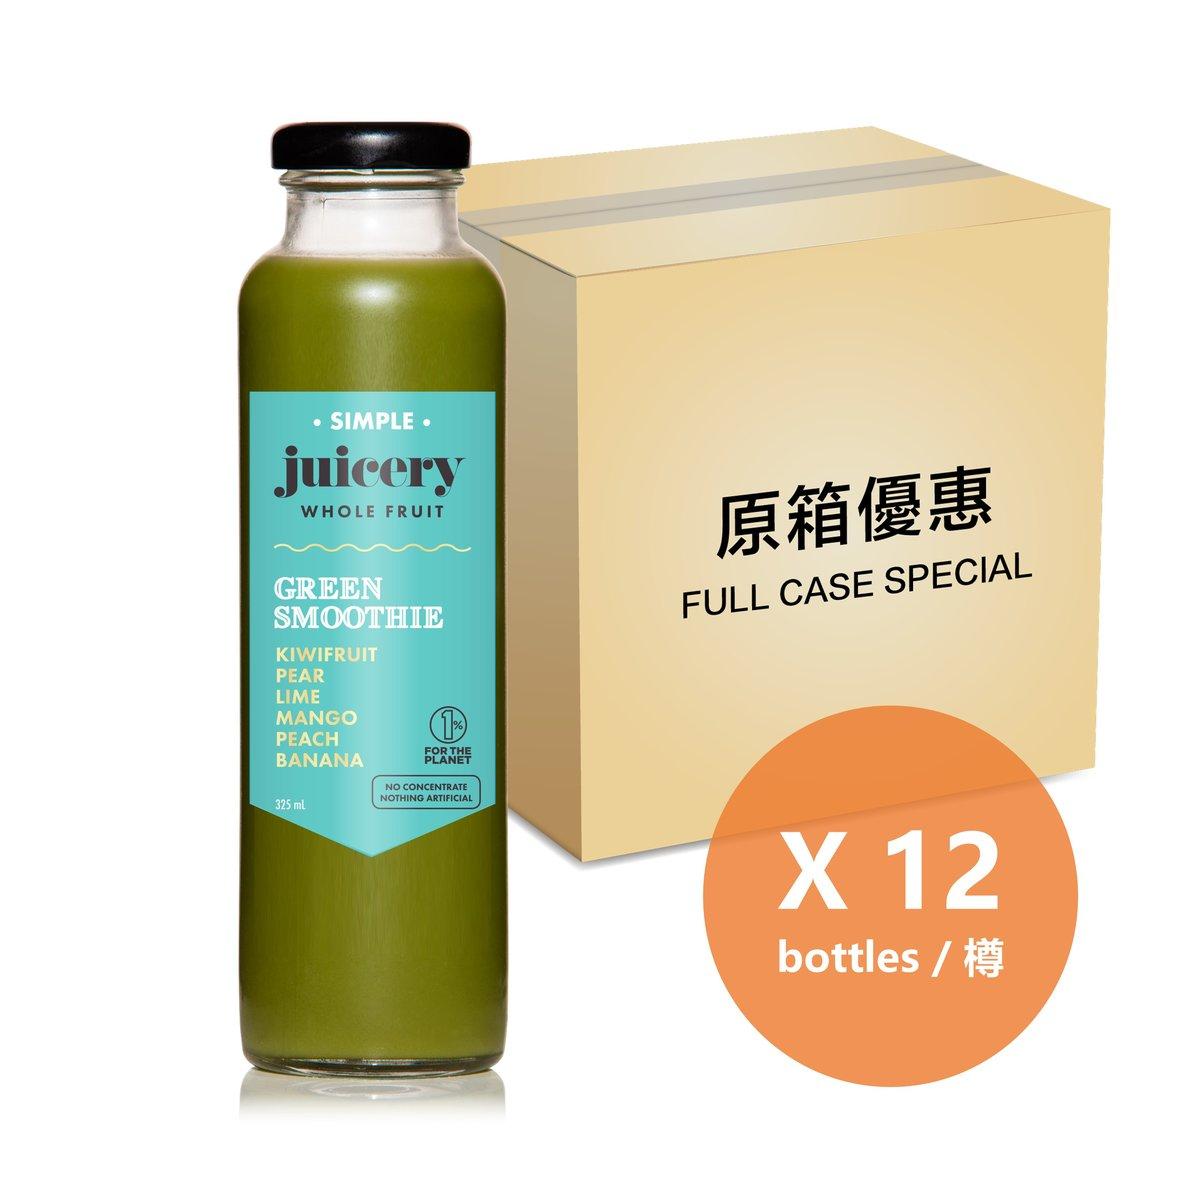 [Full Case] Green Smoothie - 325ml Bottle